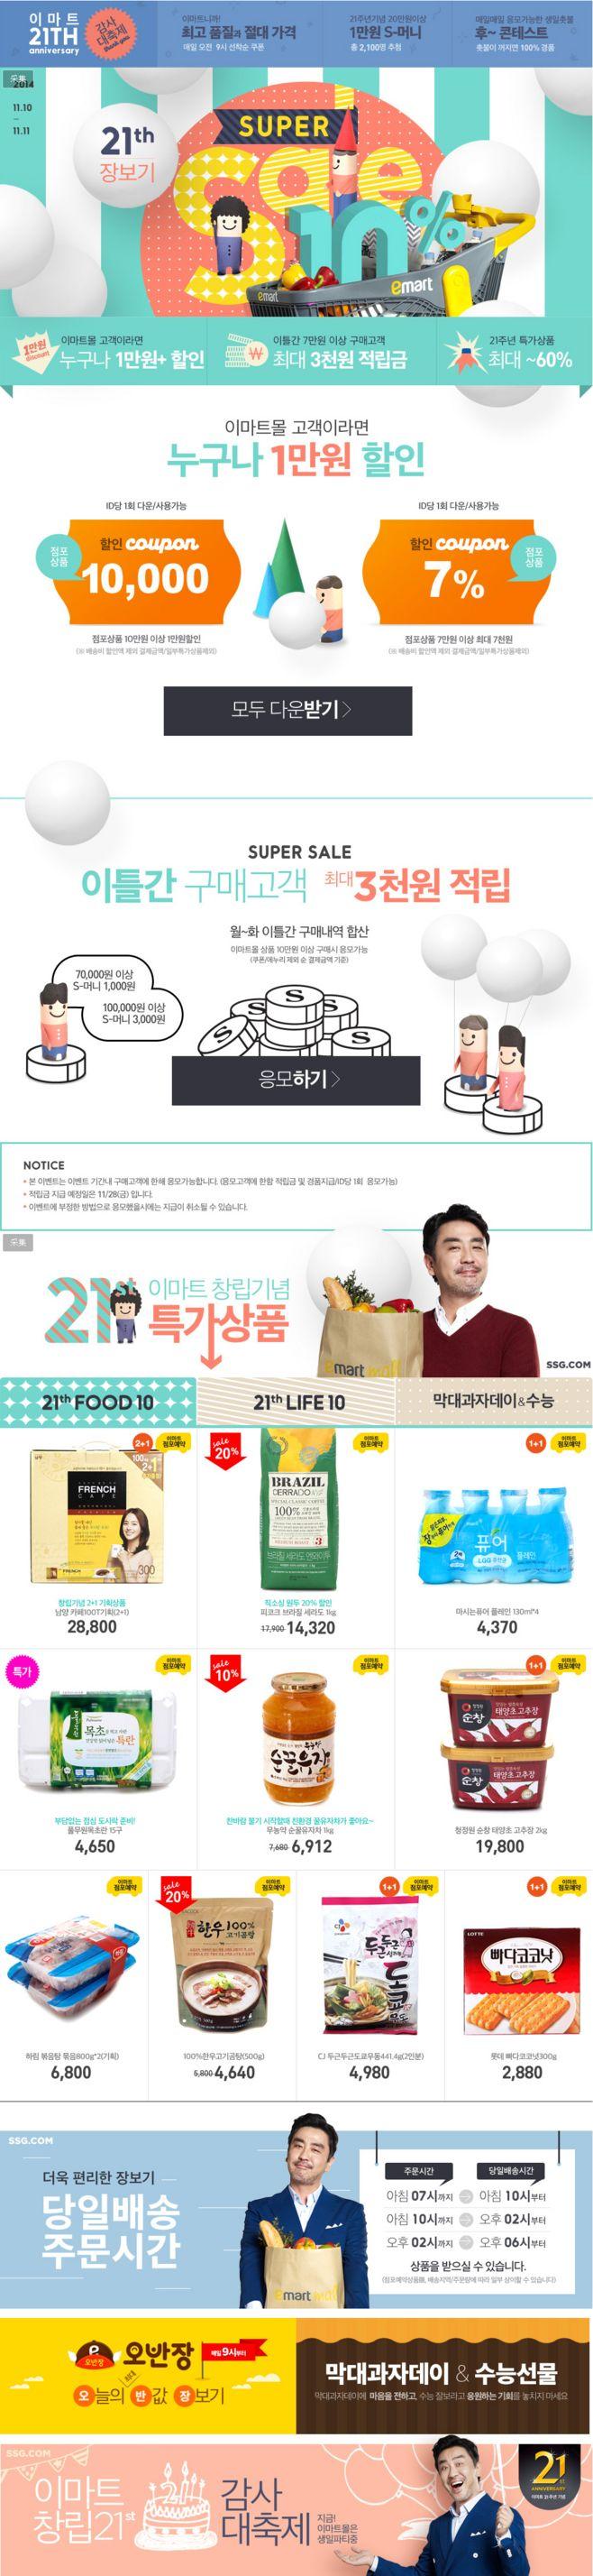 이벤트 > 장보기 슈퍼세일1탄(11/...